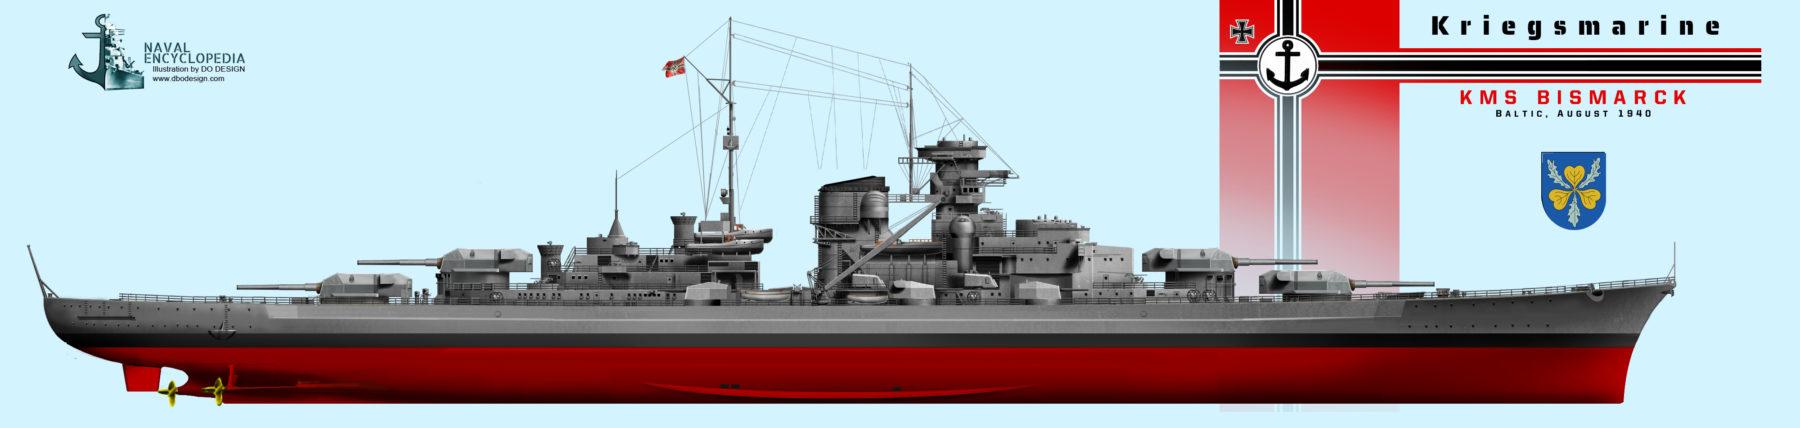 KMS Bismarck in August 1940